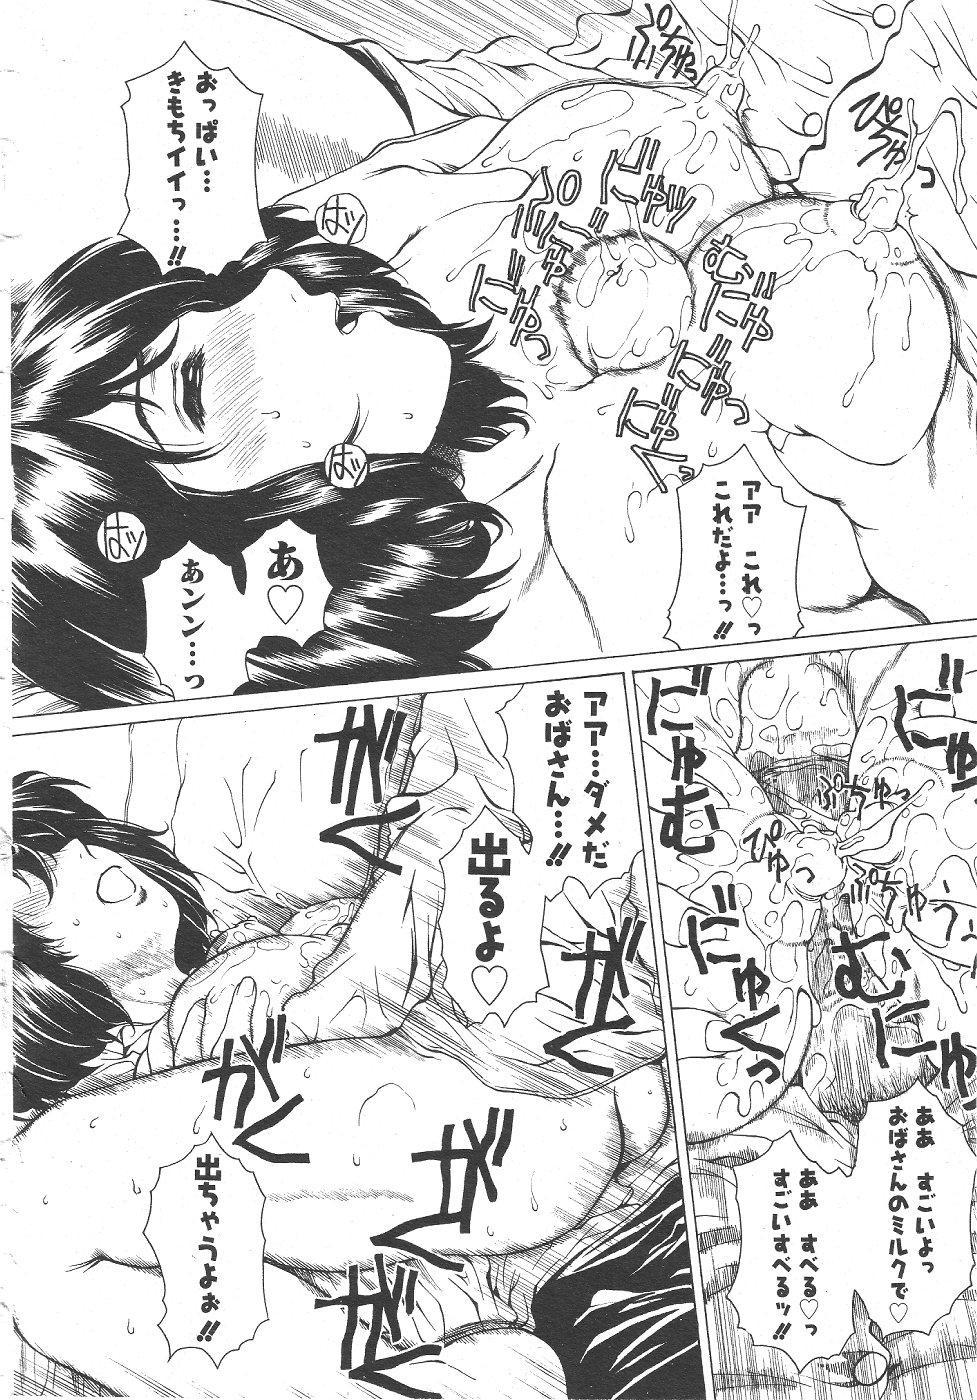 Gekkan Comic Muga 2004-06 Vol.10 35